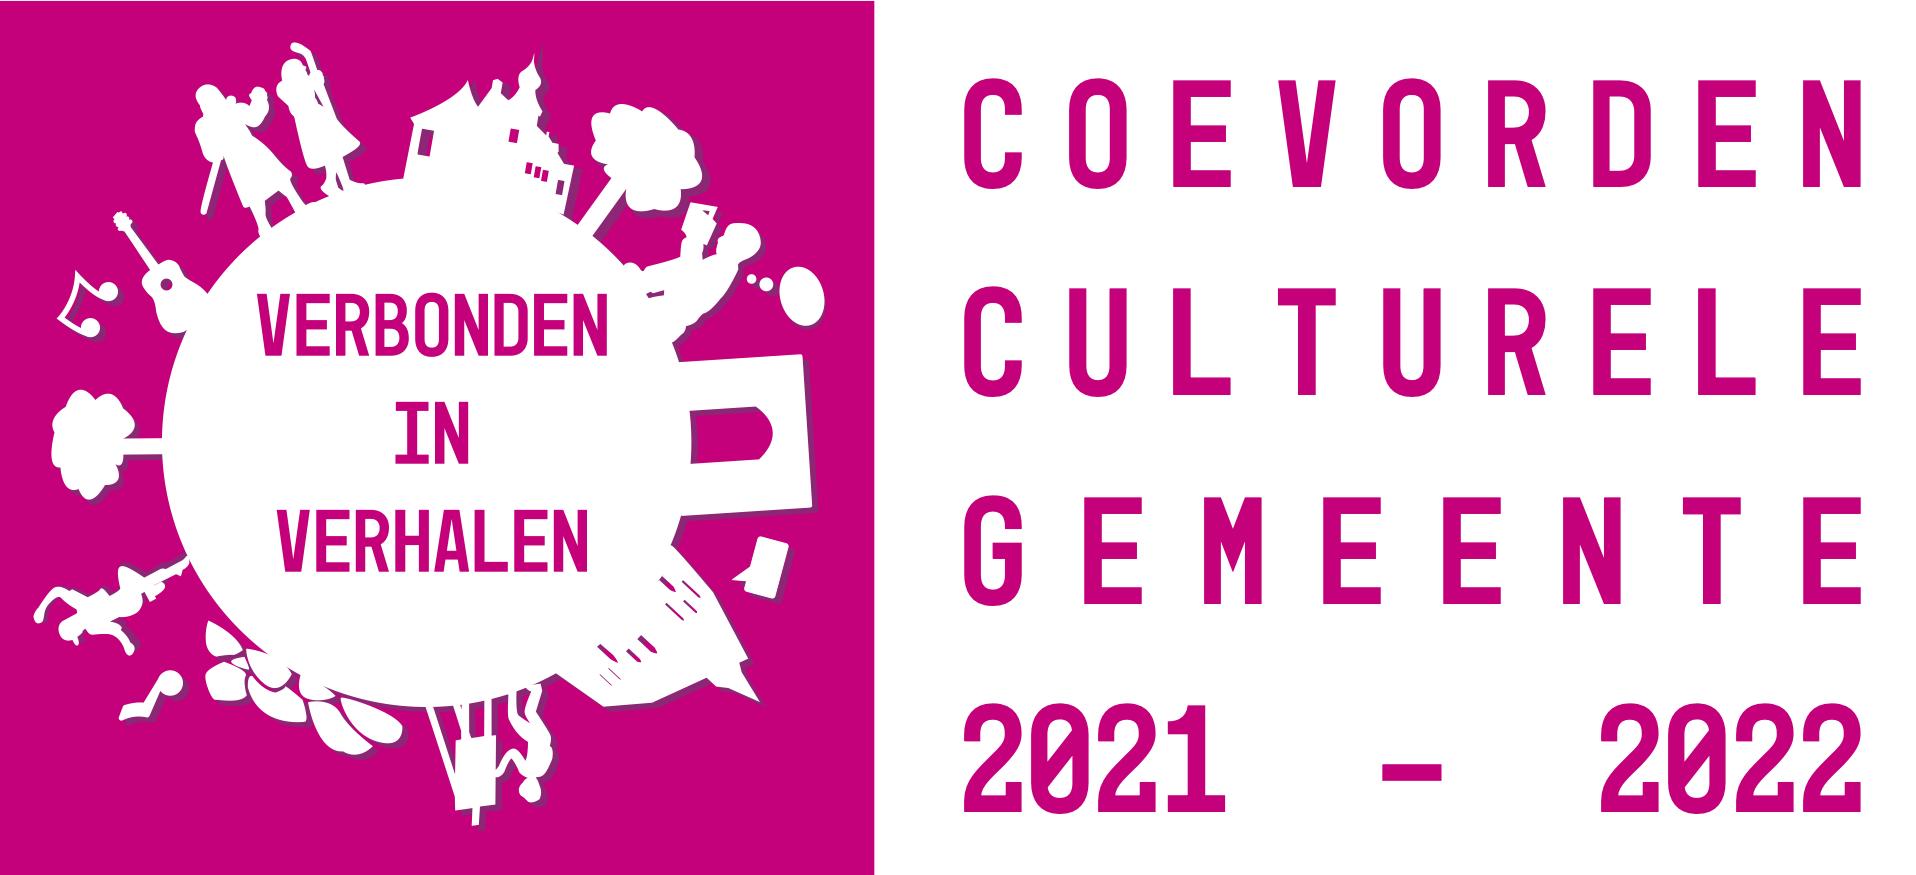 Logo van Cultureel Coevorden verwijst naar homepage